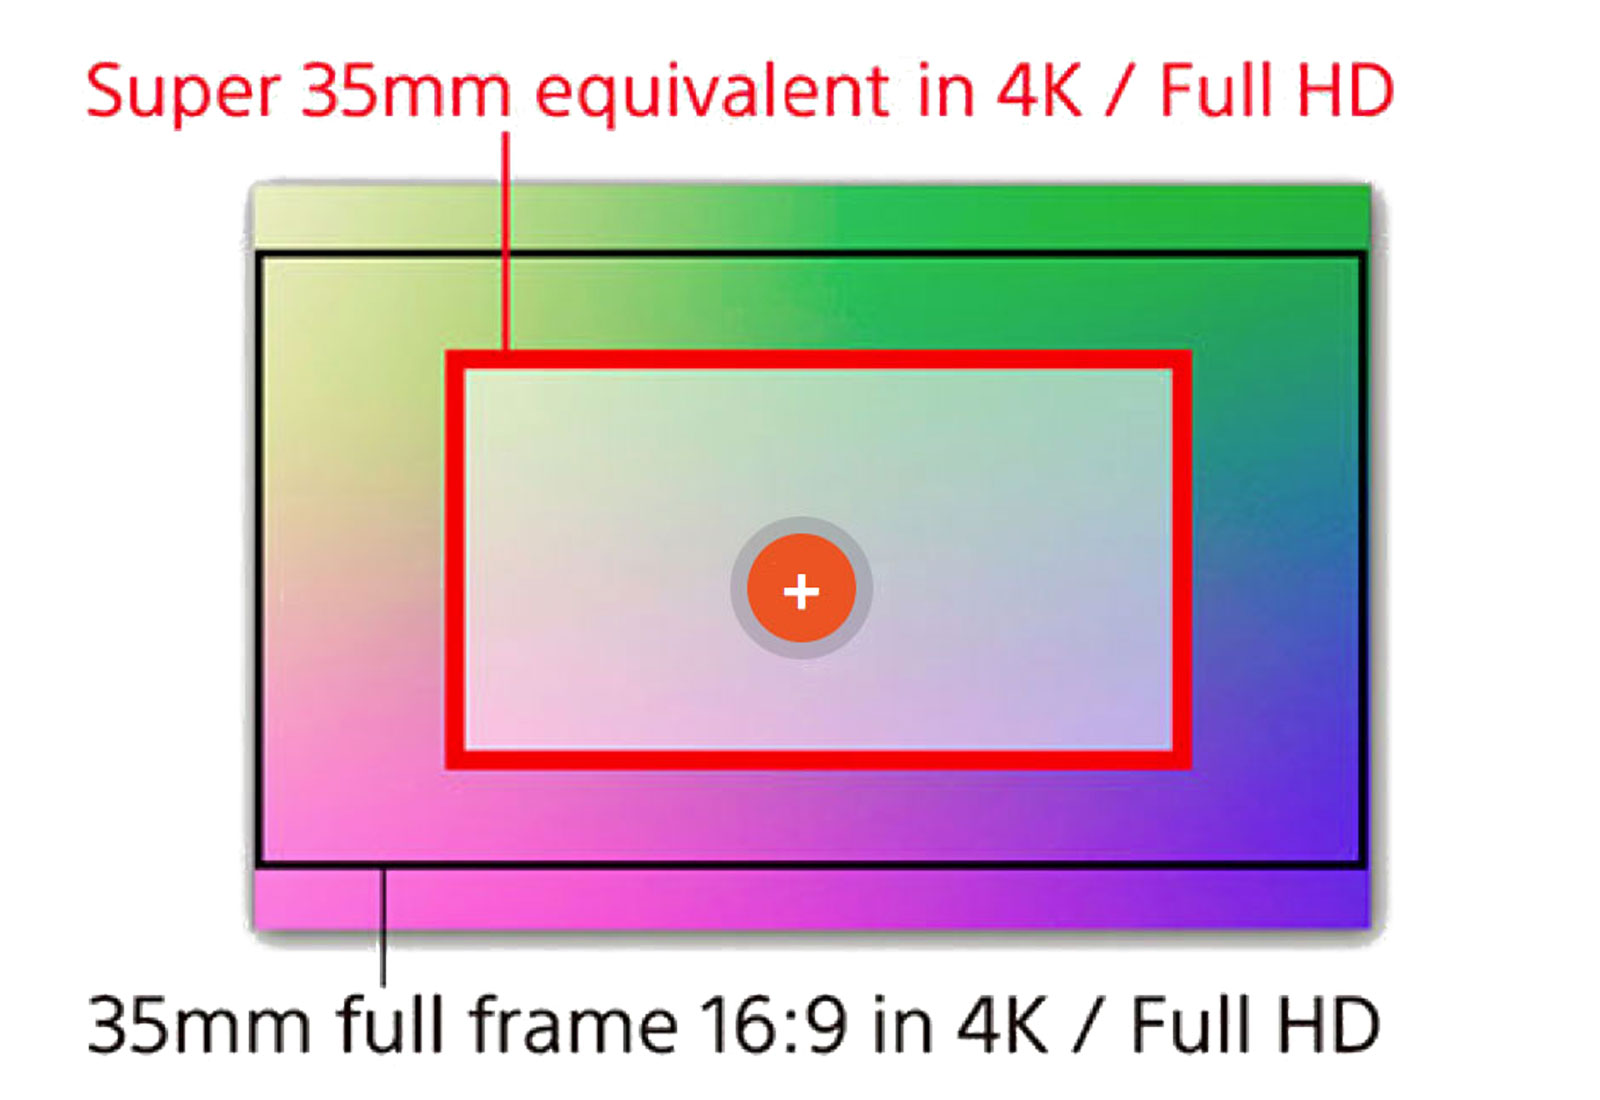 Sony a7R II 4K HD crops